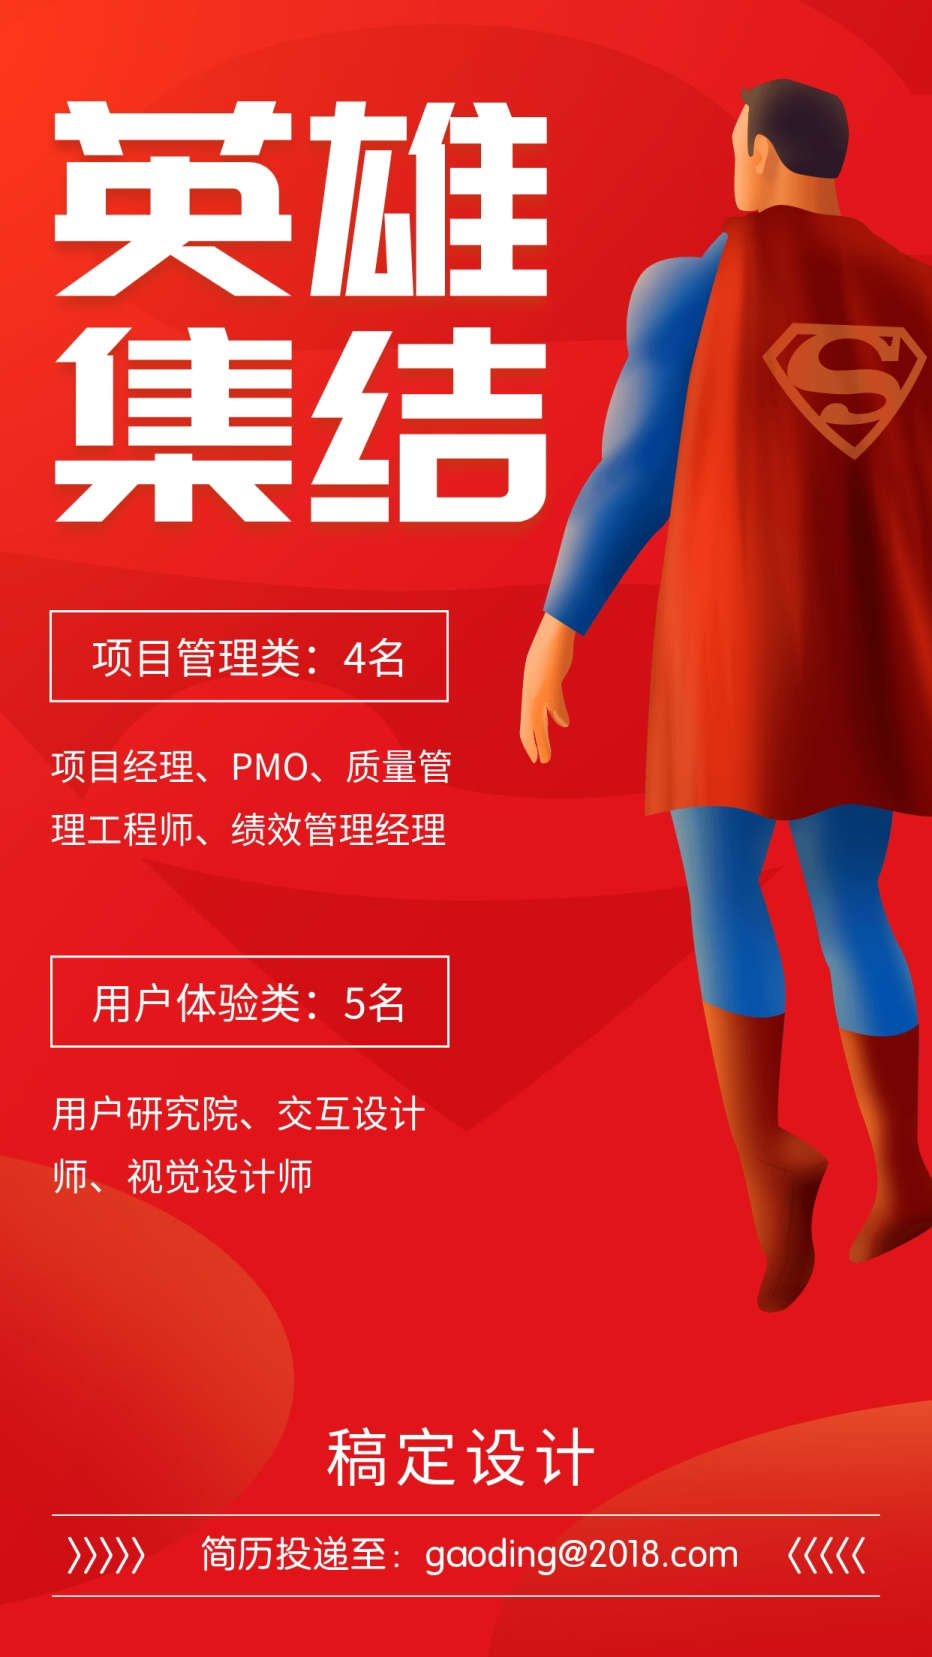 英雄集结超人创意招聘海报